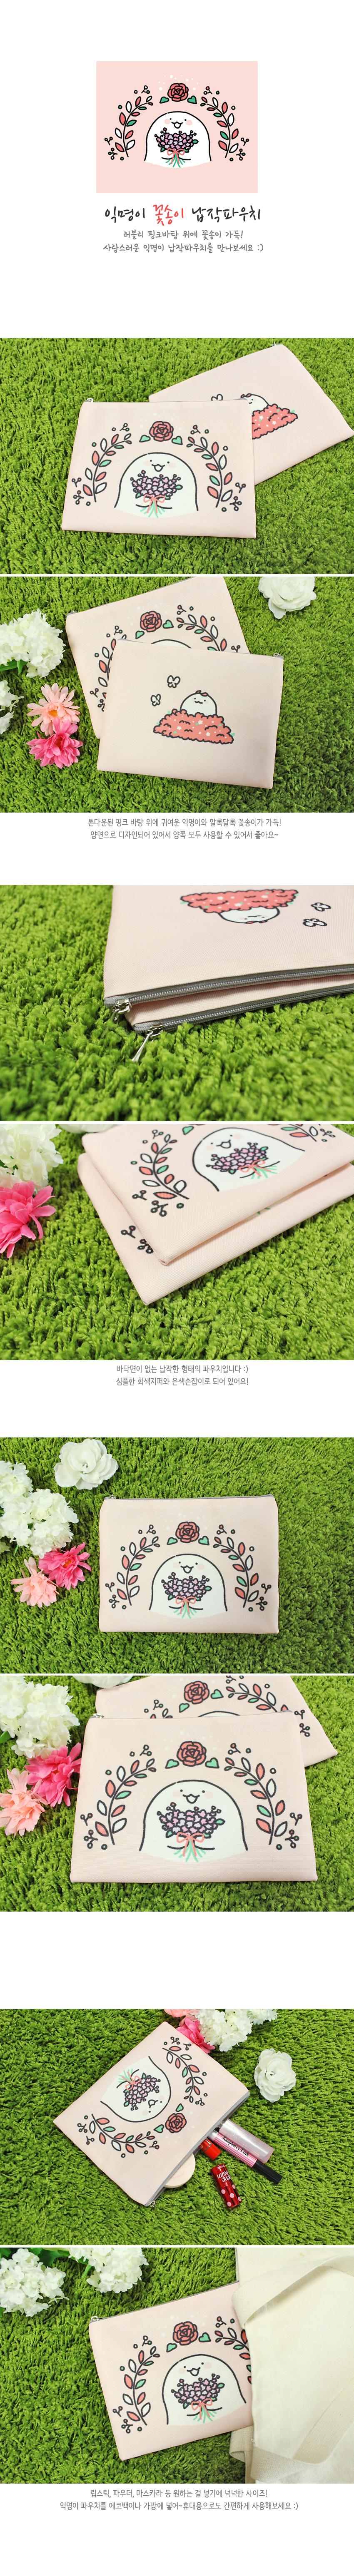 익명이 꽃송이 납작파우치 - 캐릭터타운, 7,000원, 다용도파우치, 지퍼형